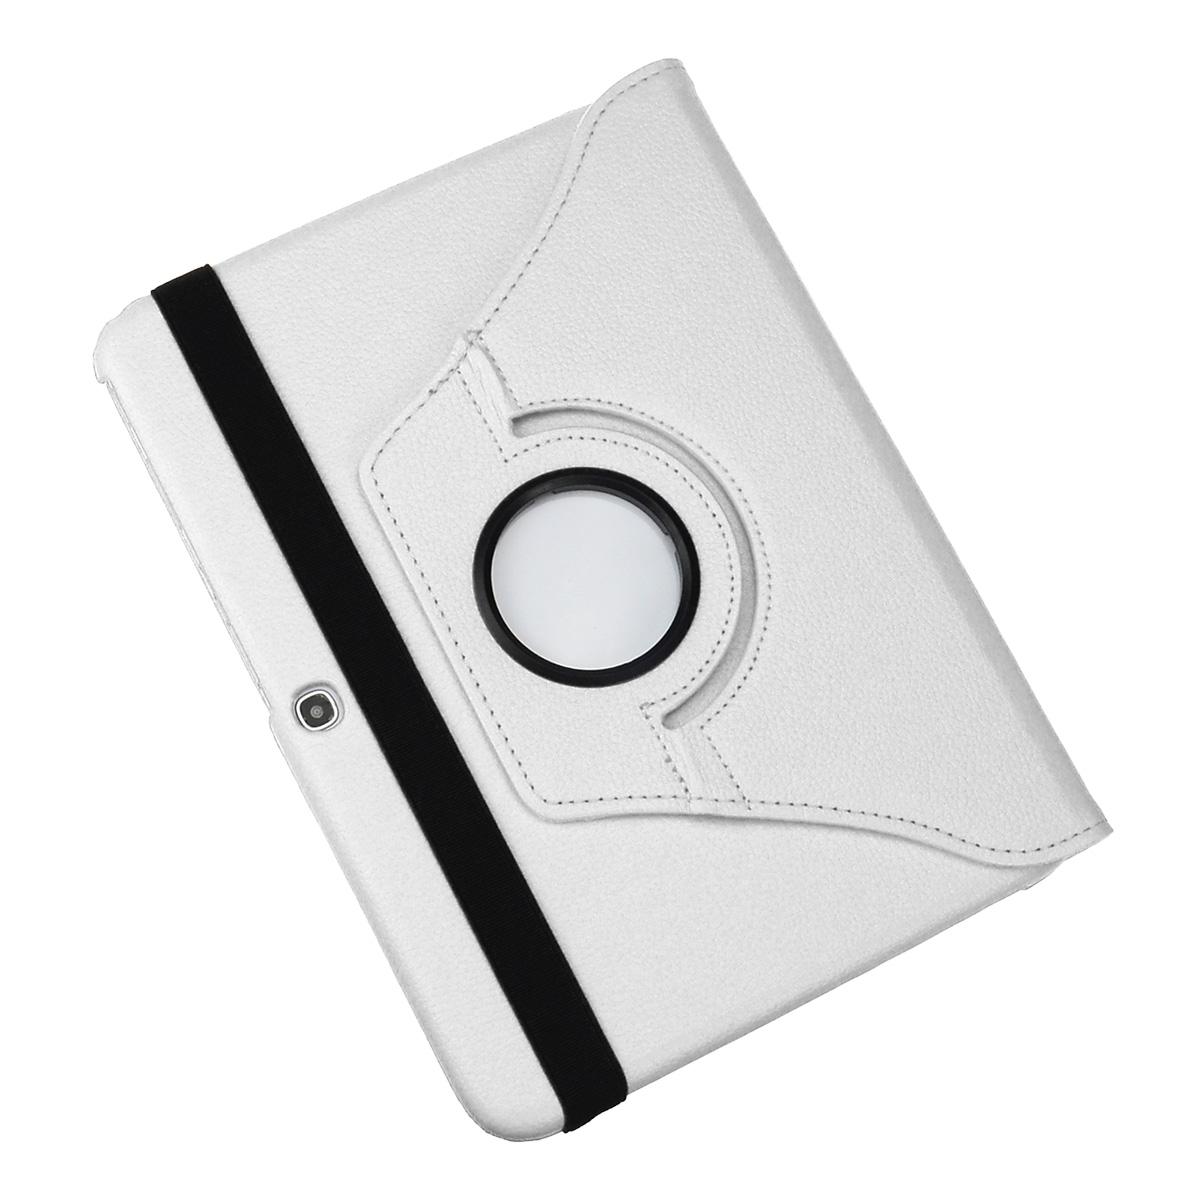 360-drehbar-Huelle-Samsung-Tab-E-9-6-Schutz-Cover-Case-Tasche-Etui-Staender-Folie Indexbild 16